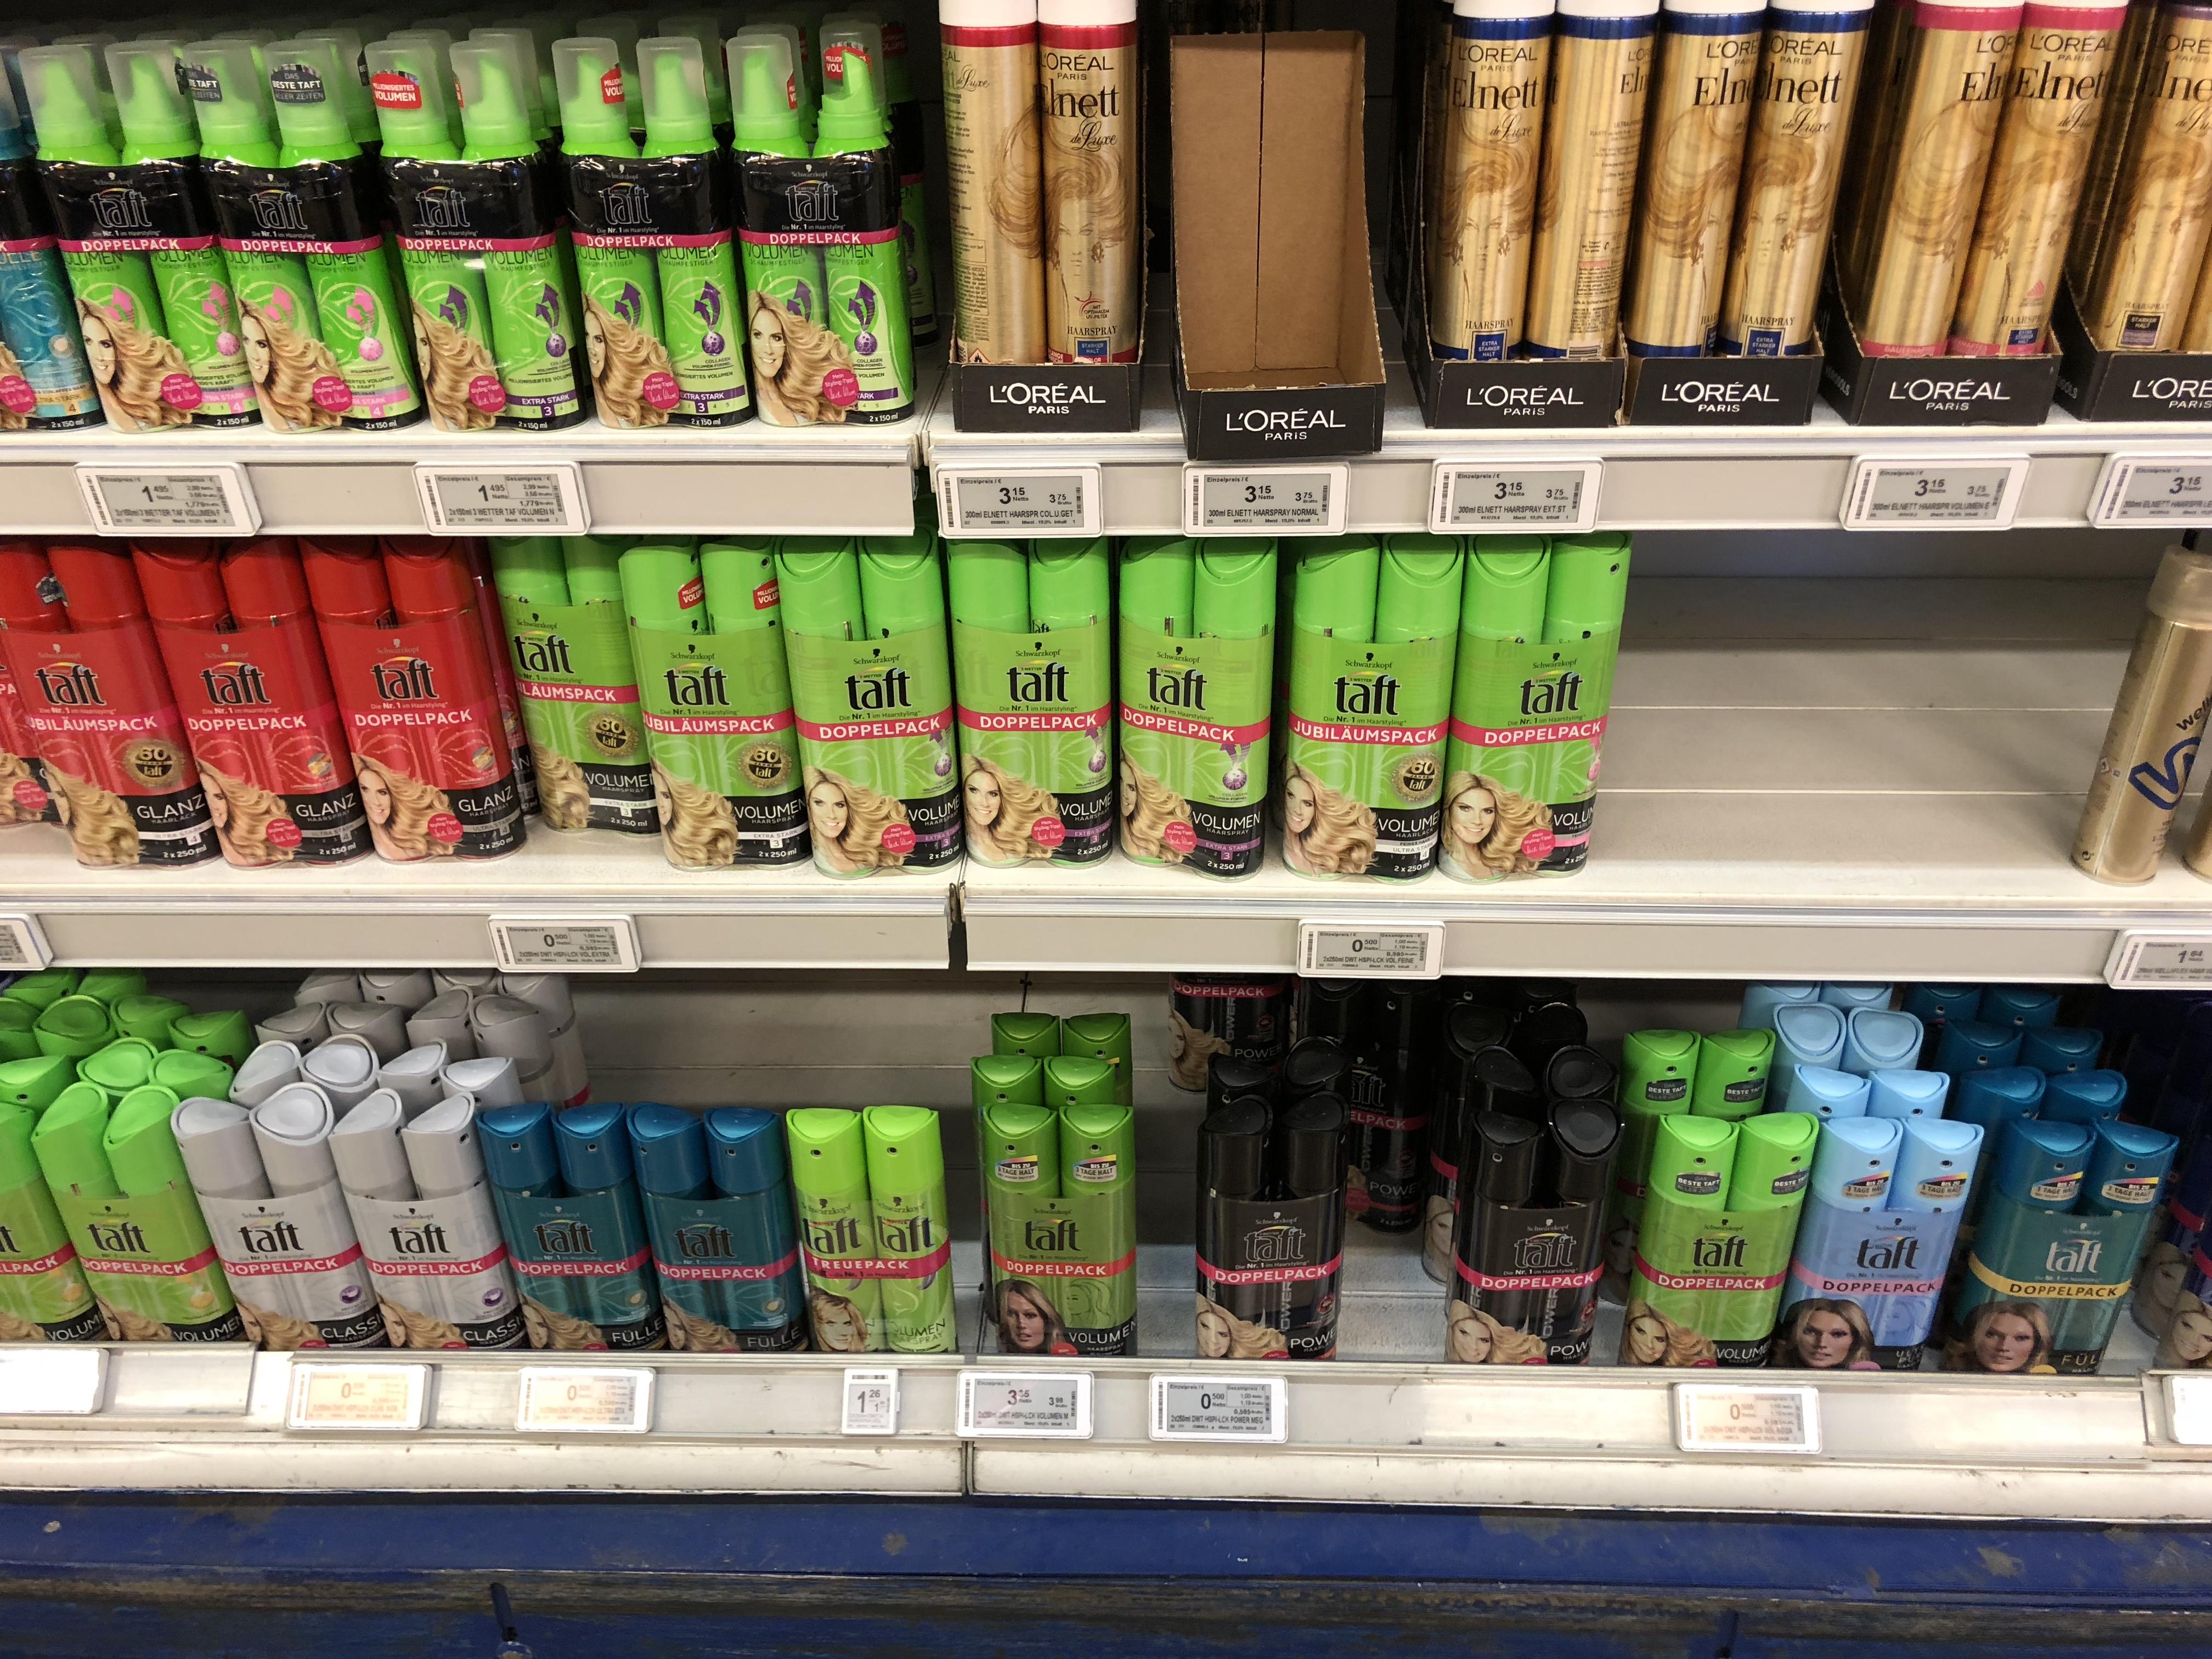 Schwarzkopf 3 Wetter Taft Haarspray Doppelpack 2 x 250 ml # Diverse Sorten # Metro #